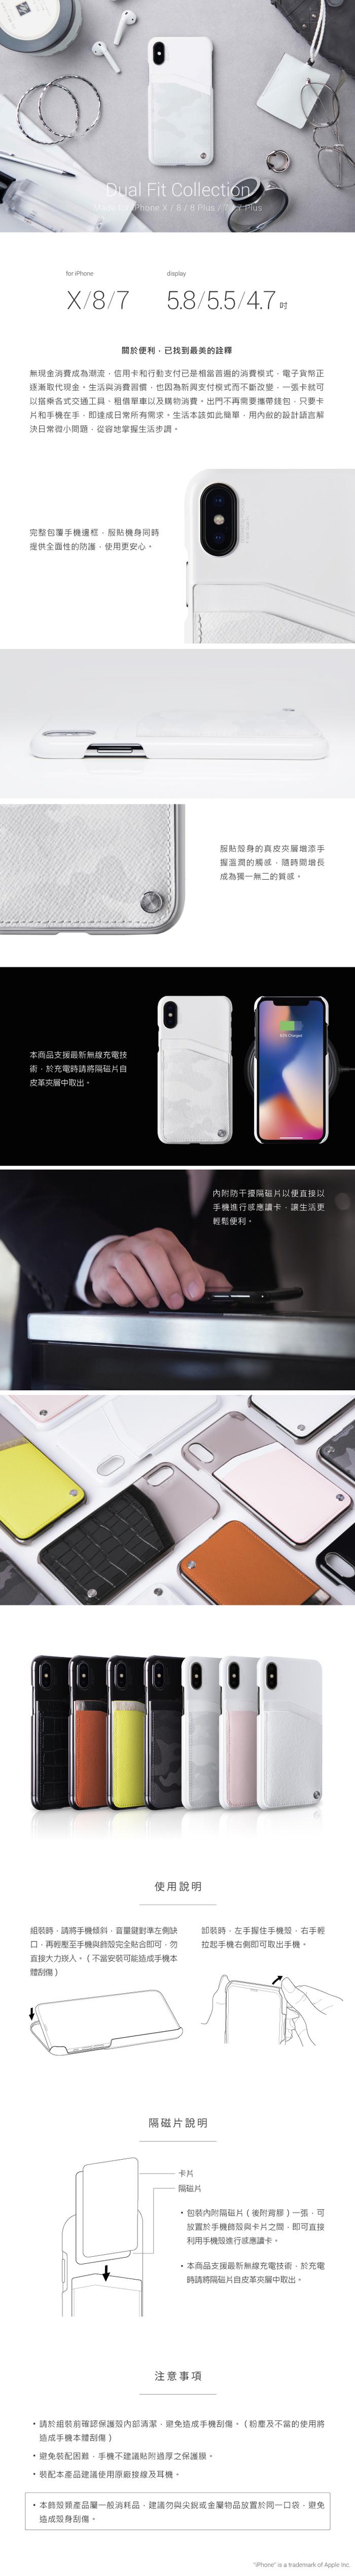 PEGACASA iPhone 8 /7 Plus 手機殼-迷彩系列